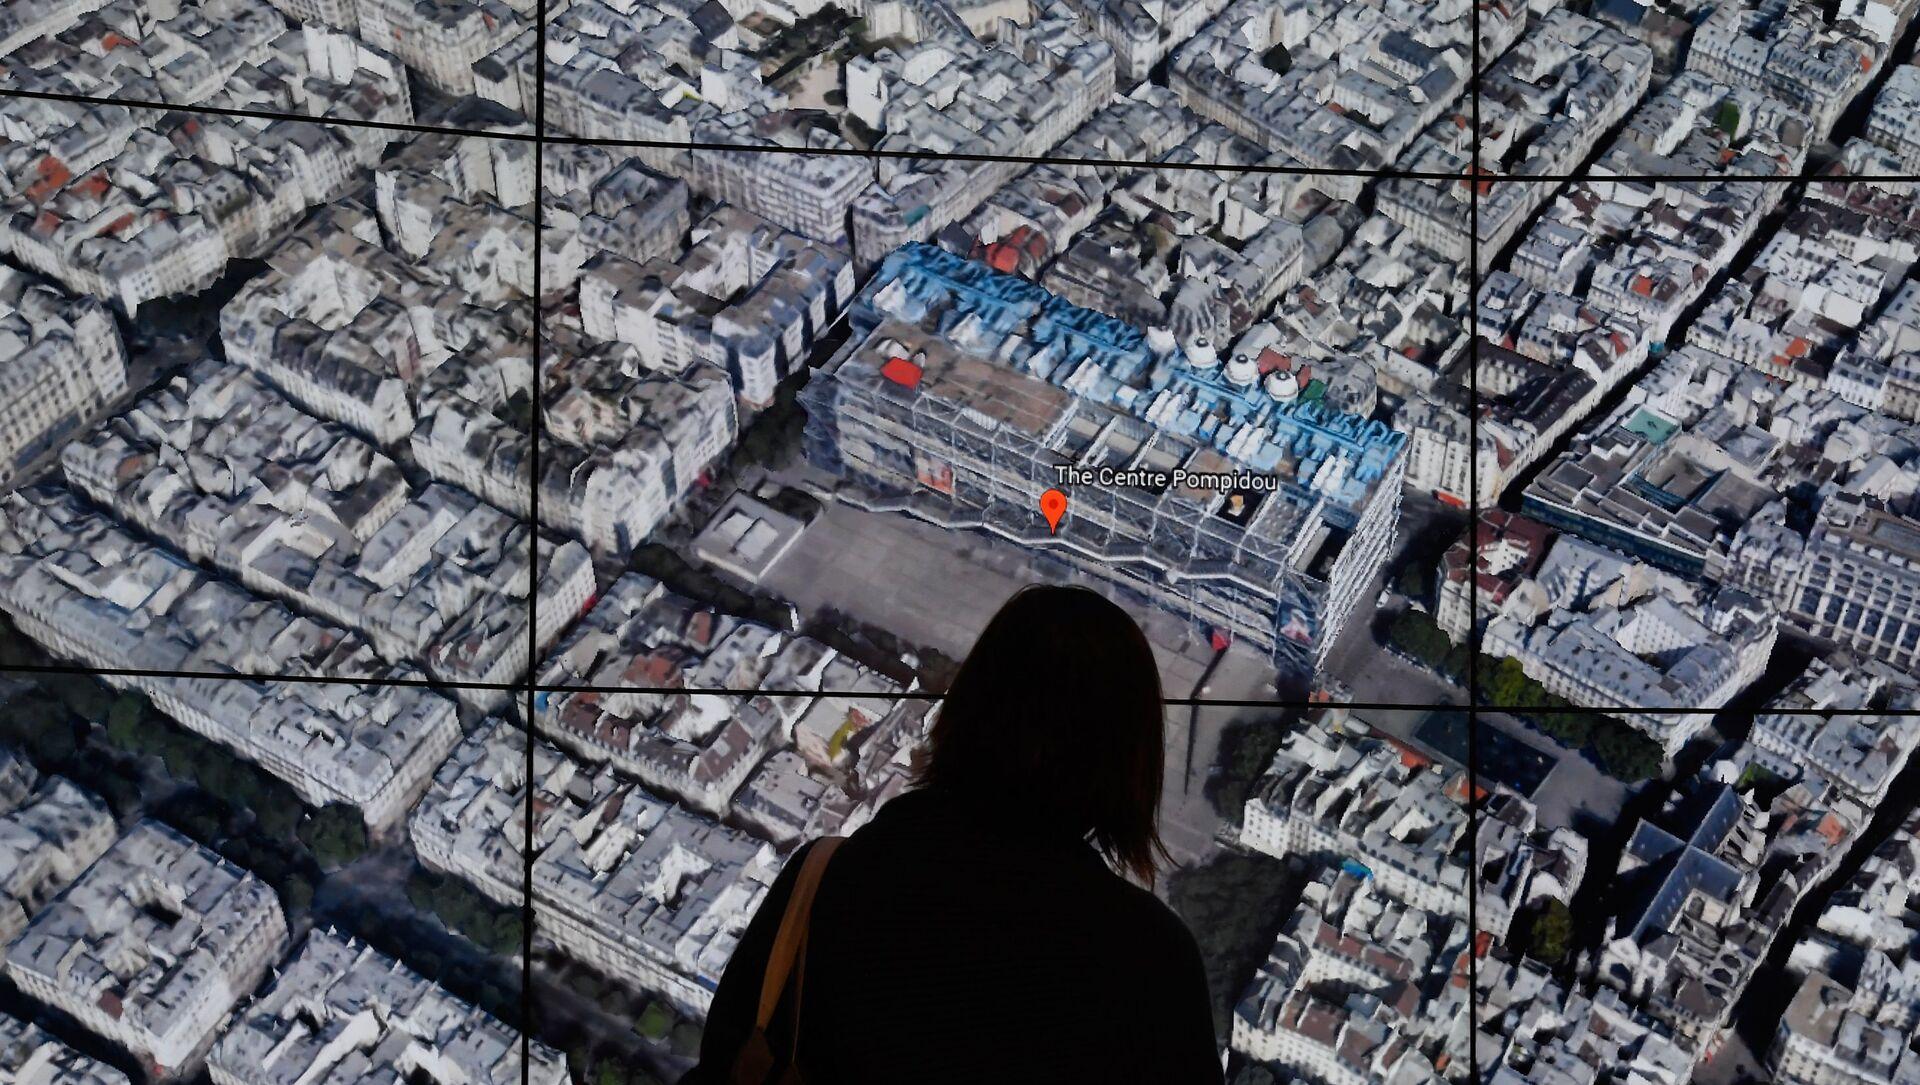 Une personne observe la carte de Paris de Google Earth. - Sputnik France, 1920, 25.08.2021